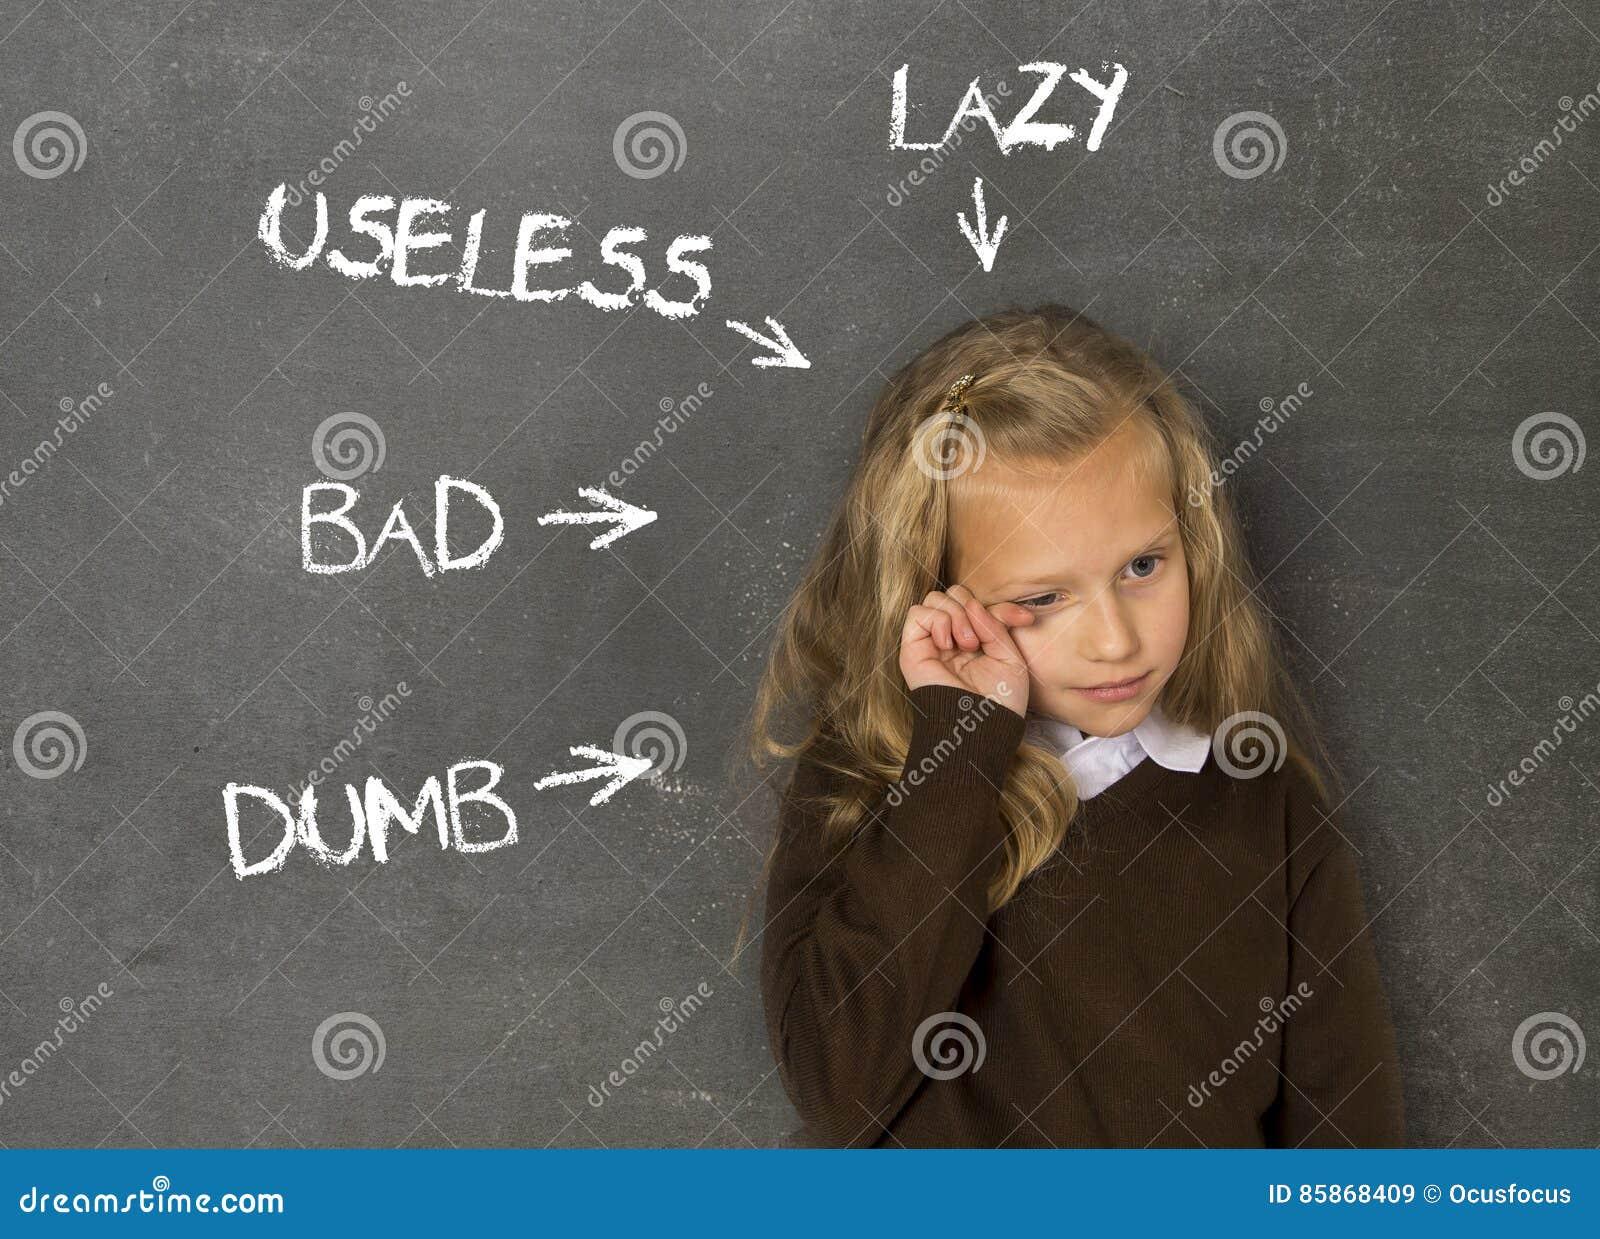 Abused disziplinierte das Schulmädchen, das als faules stummes schlechtes und unbrauchbar auf Klassentafel gezeigt wurde